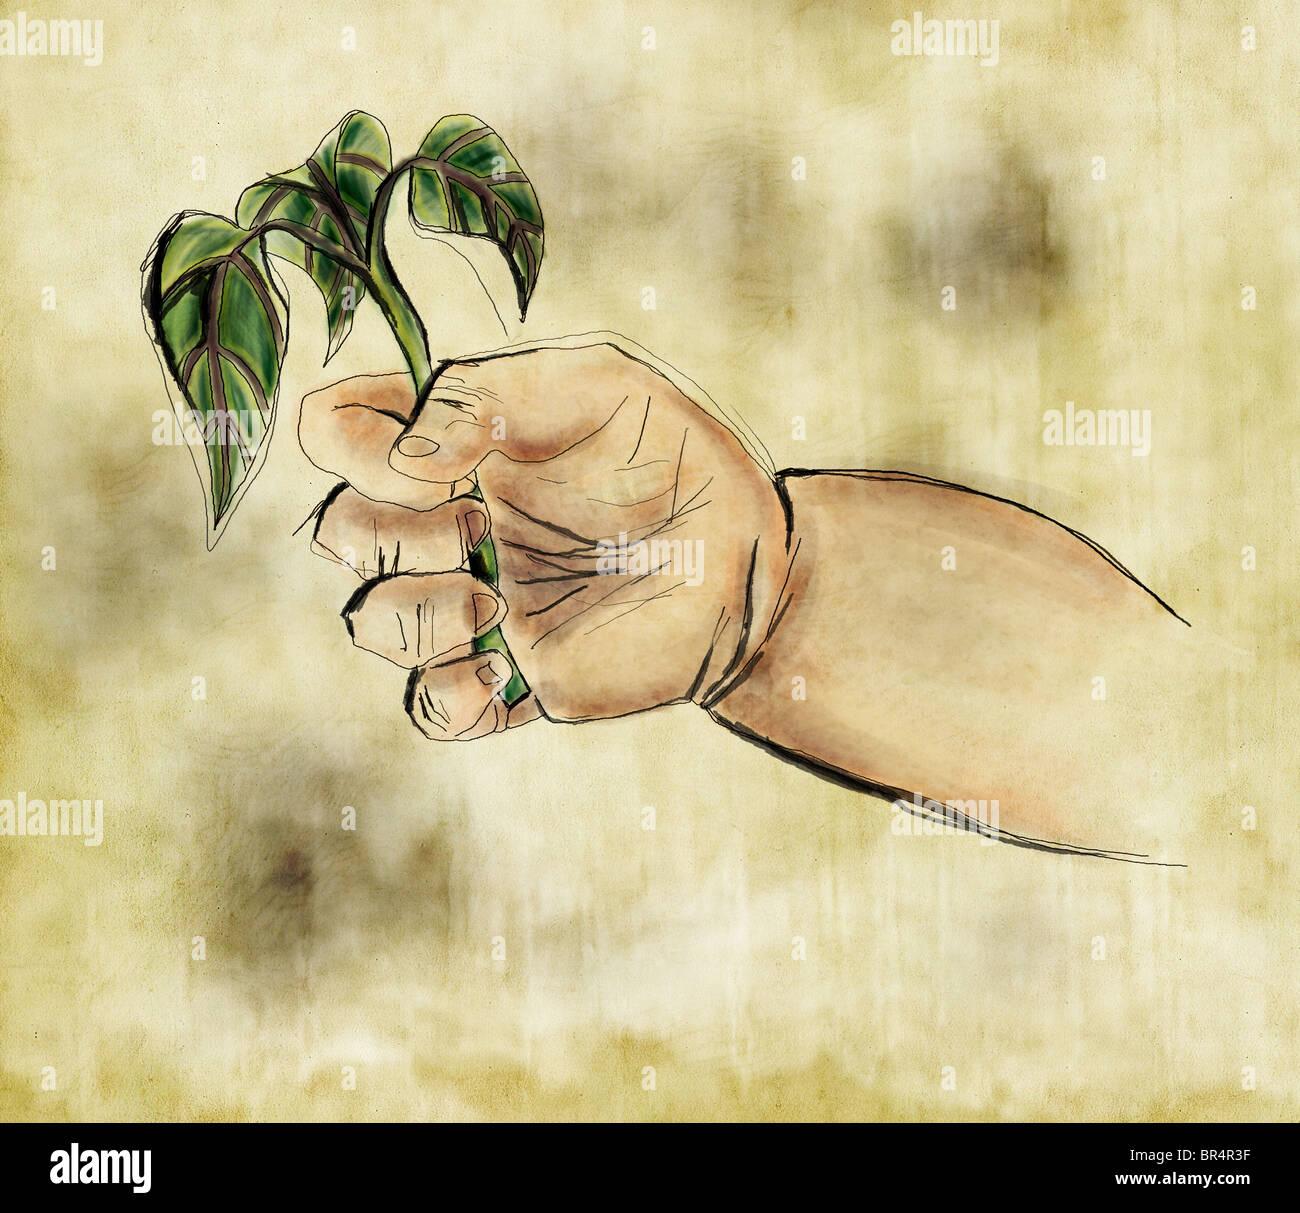 Eine Babys Hand eine sprießende Pflanze Stockbild